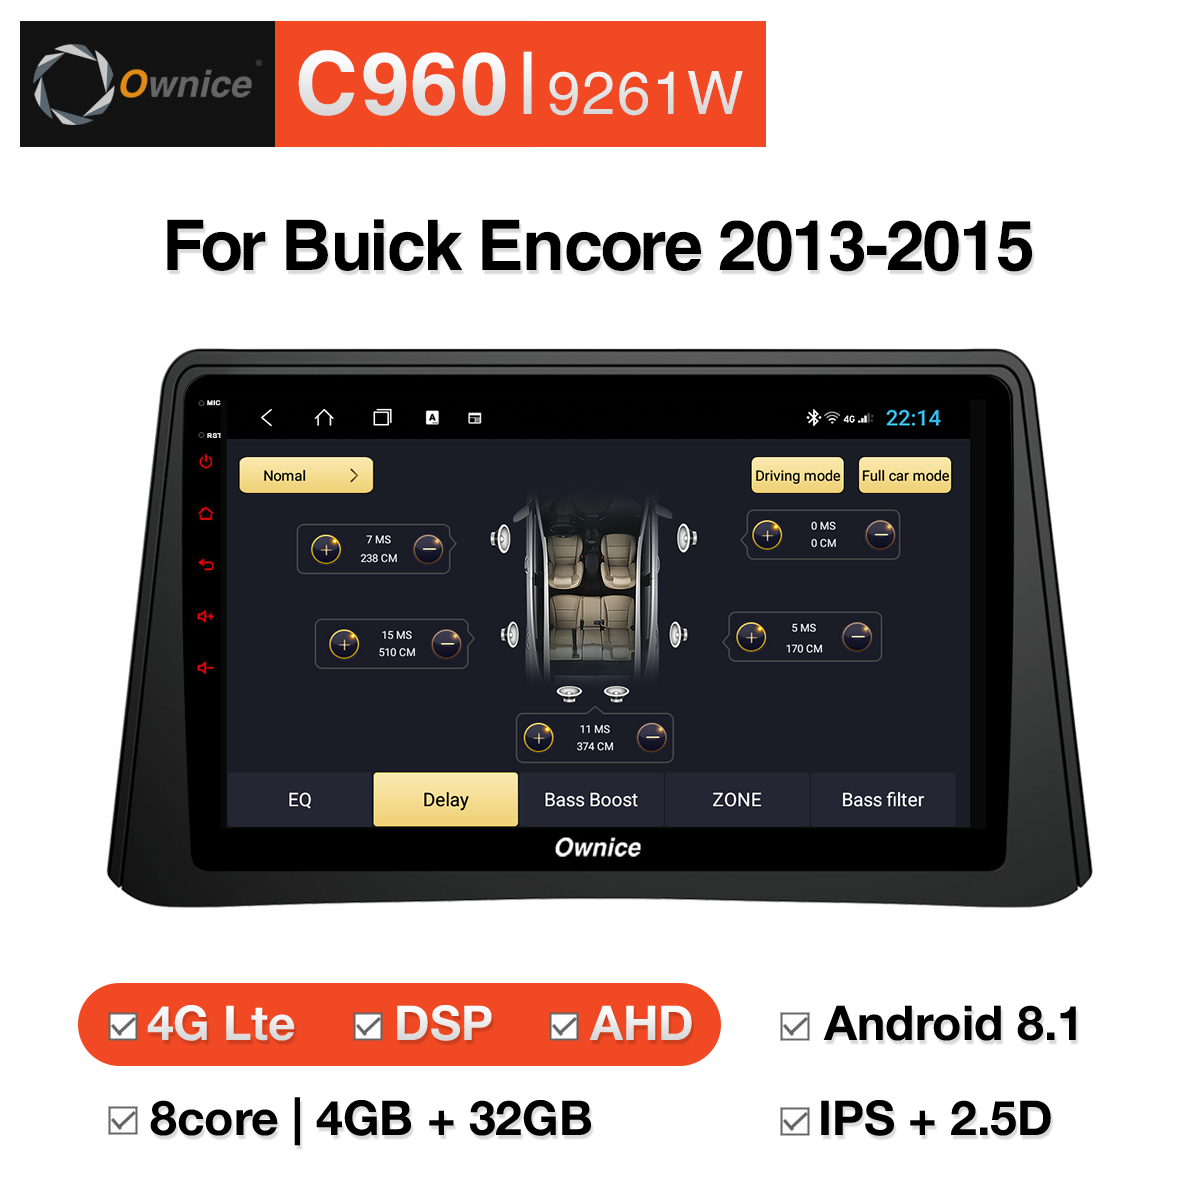 Đầu DVD android Ownice C960 cho xe ô tô Buick Encore 2013 - 2015:: OL-9261W